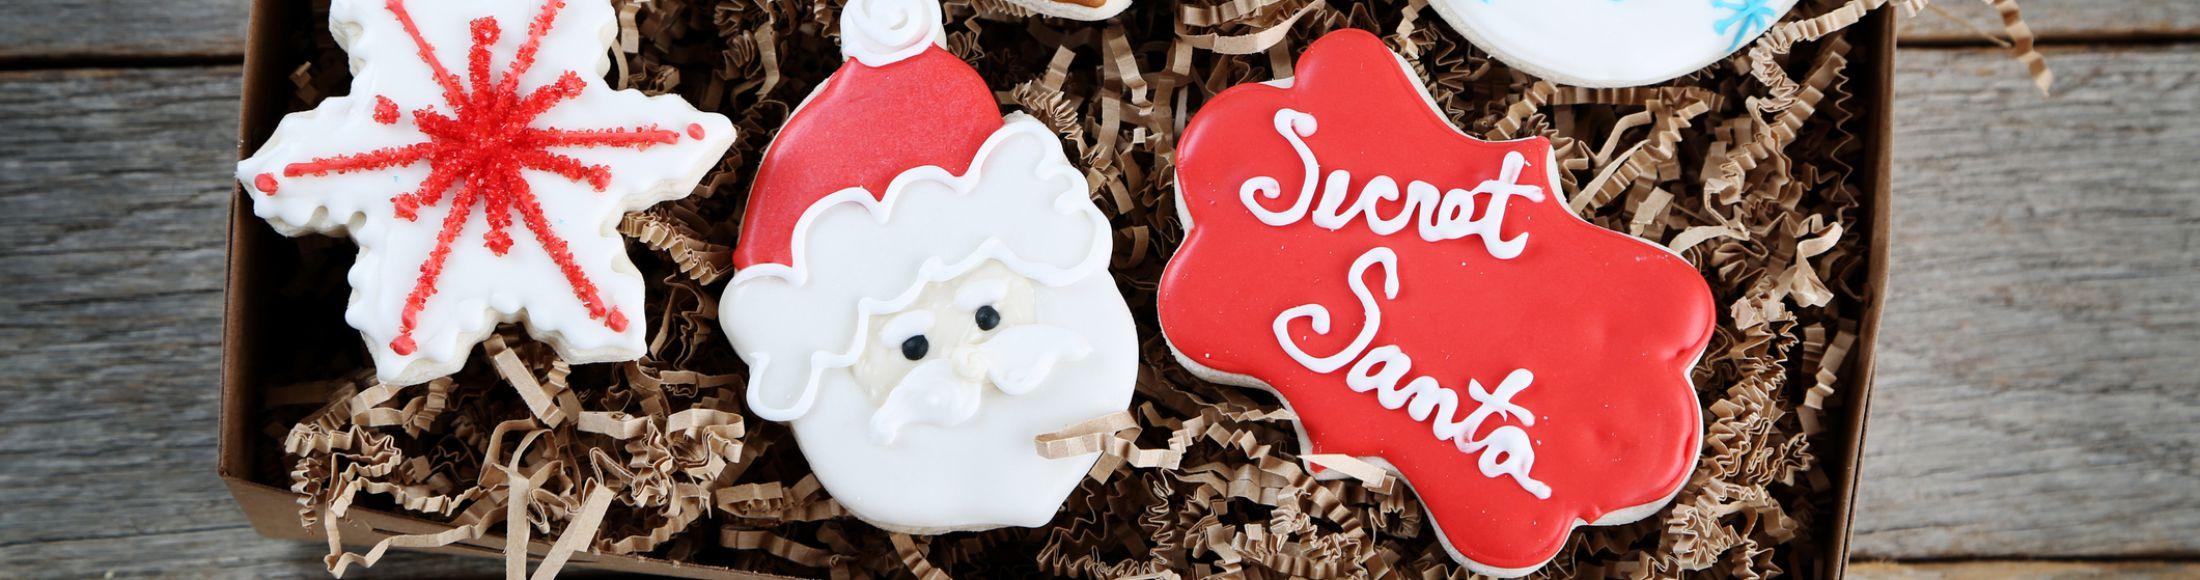 Secret Santa Gifts Under $25